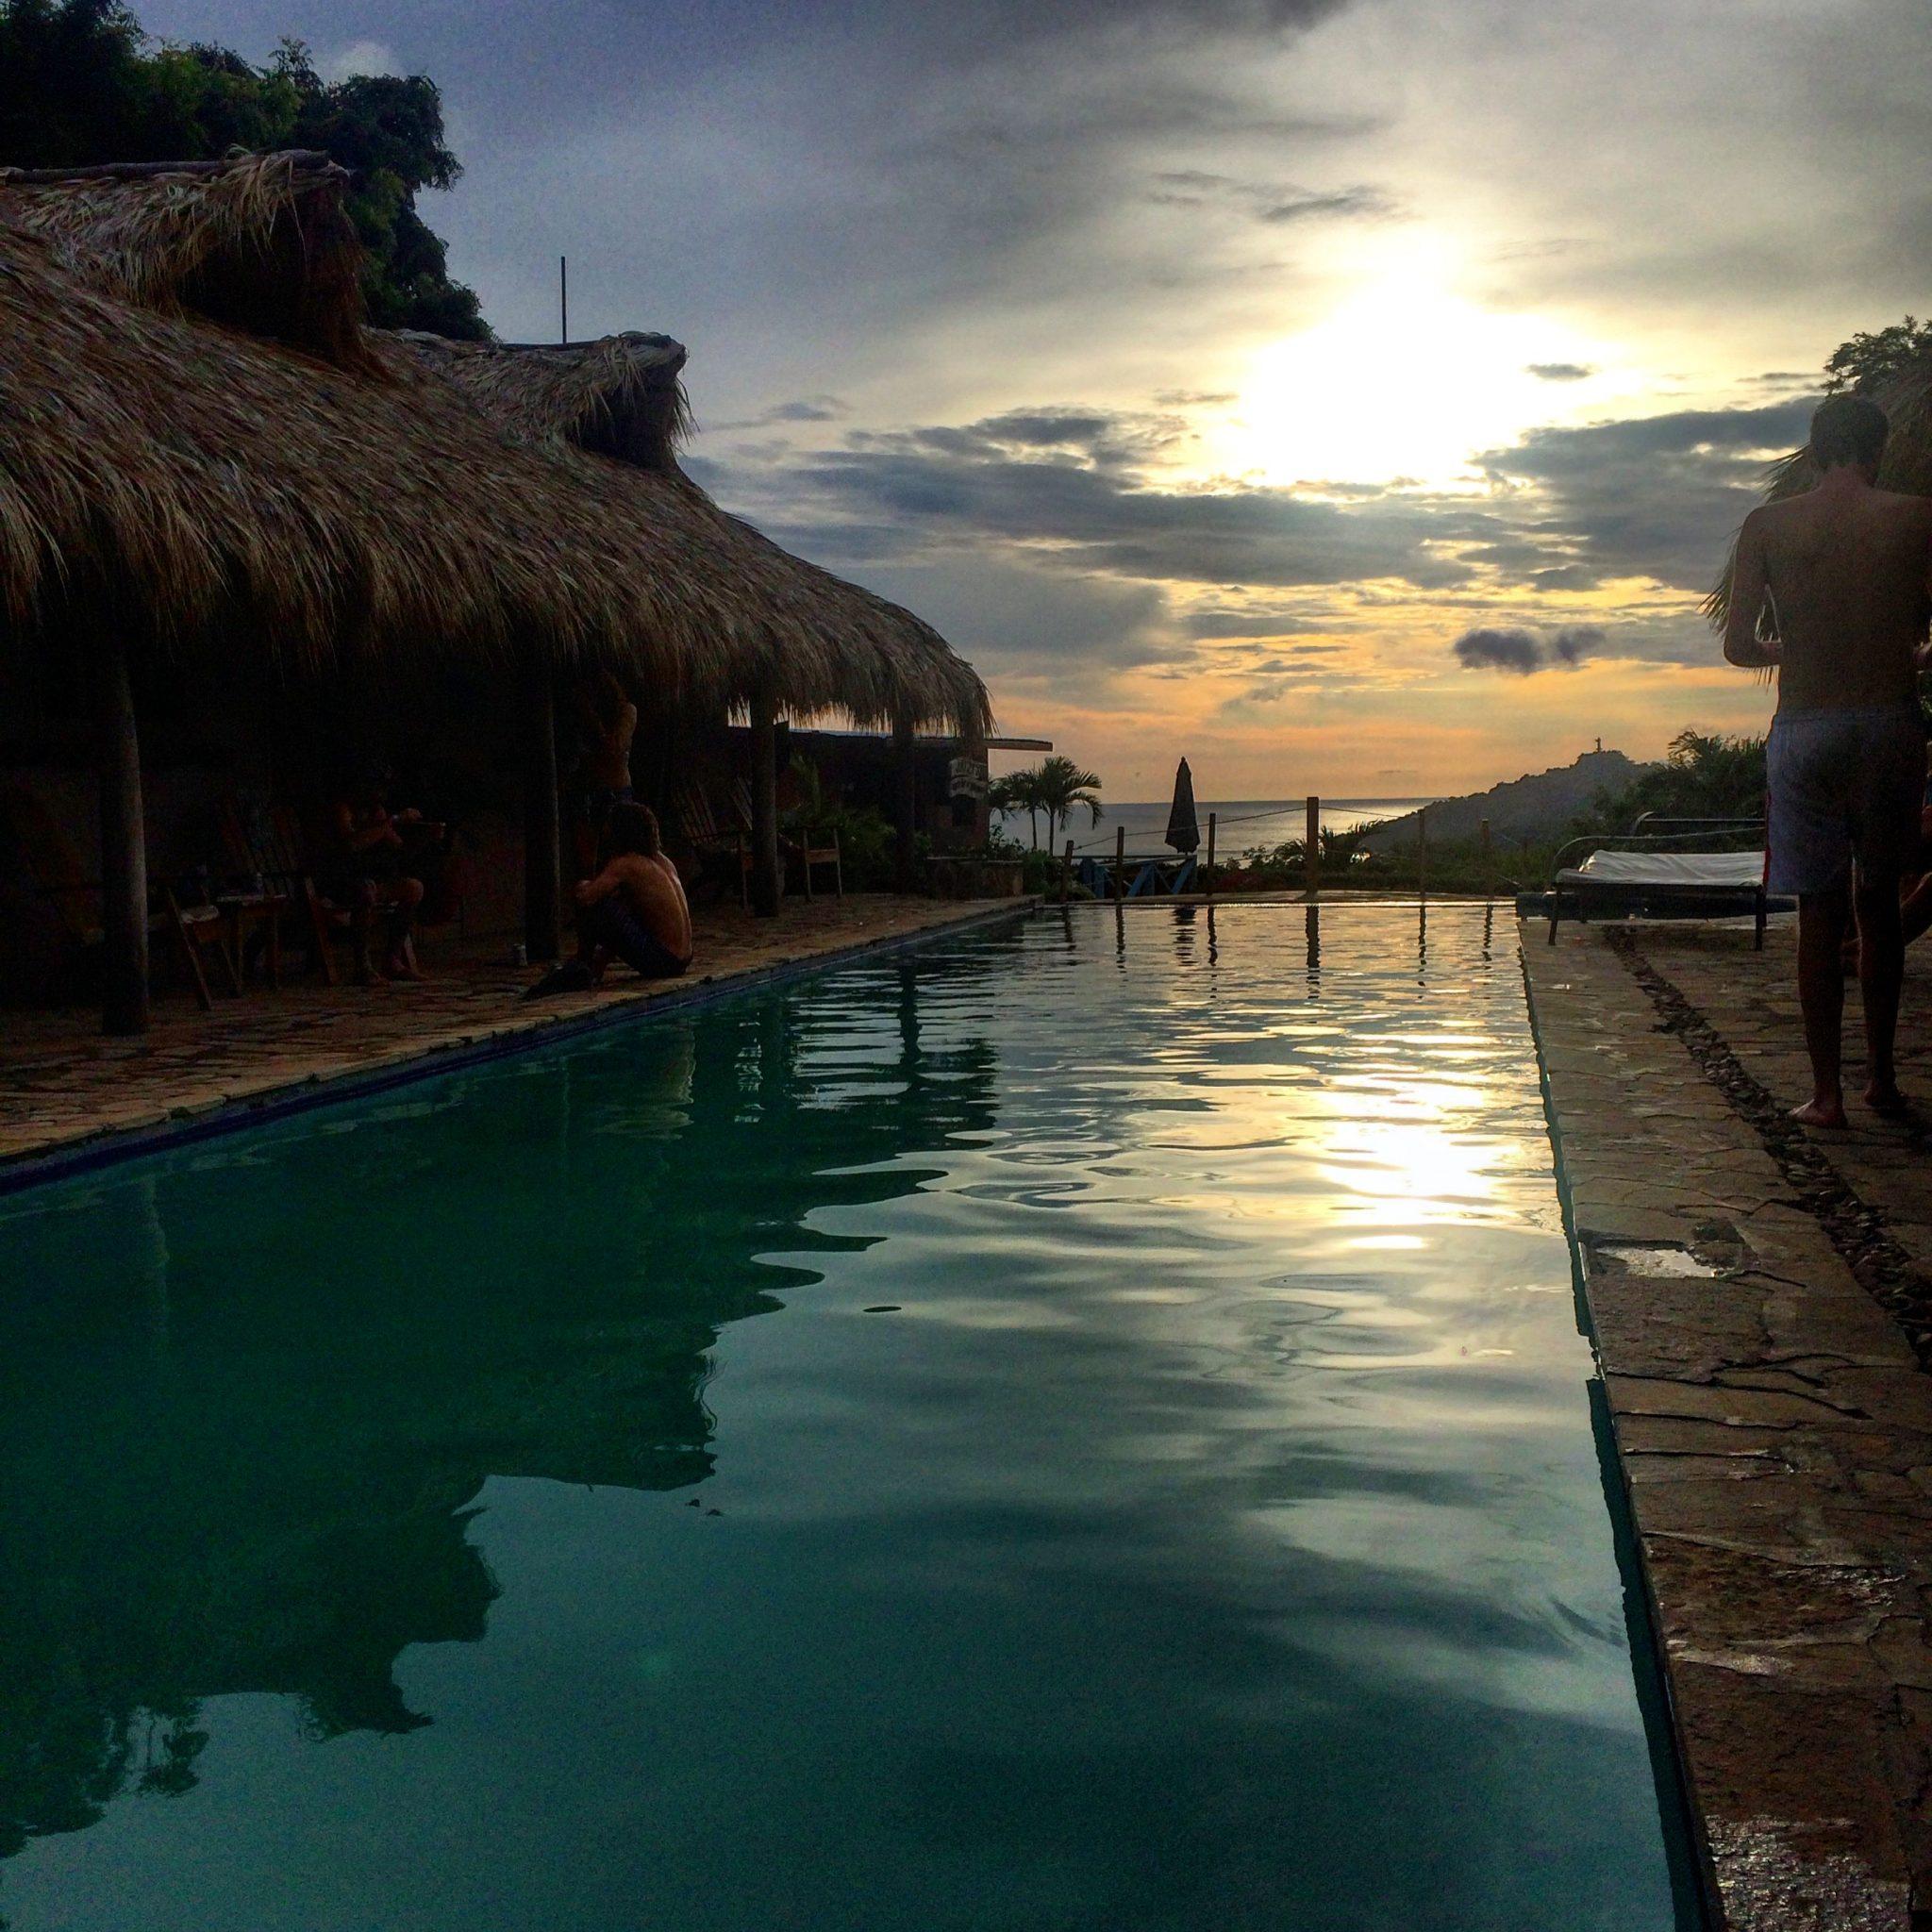 Casa de Olas in San Juan Del Sur Nicaragua